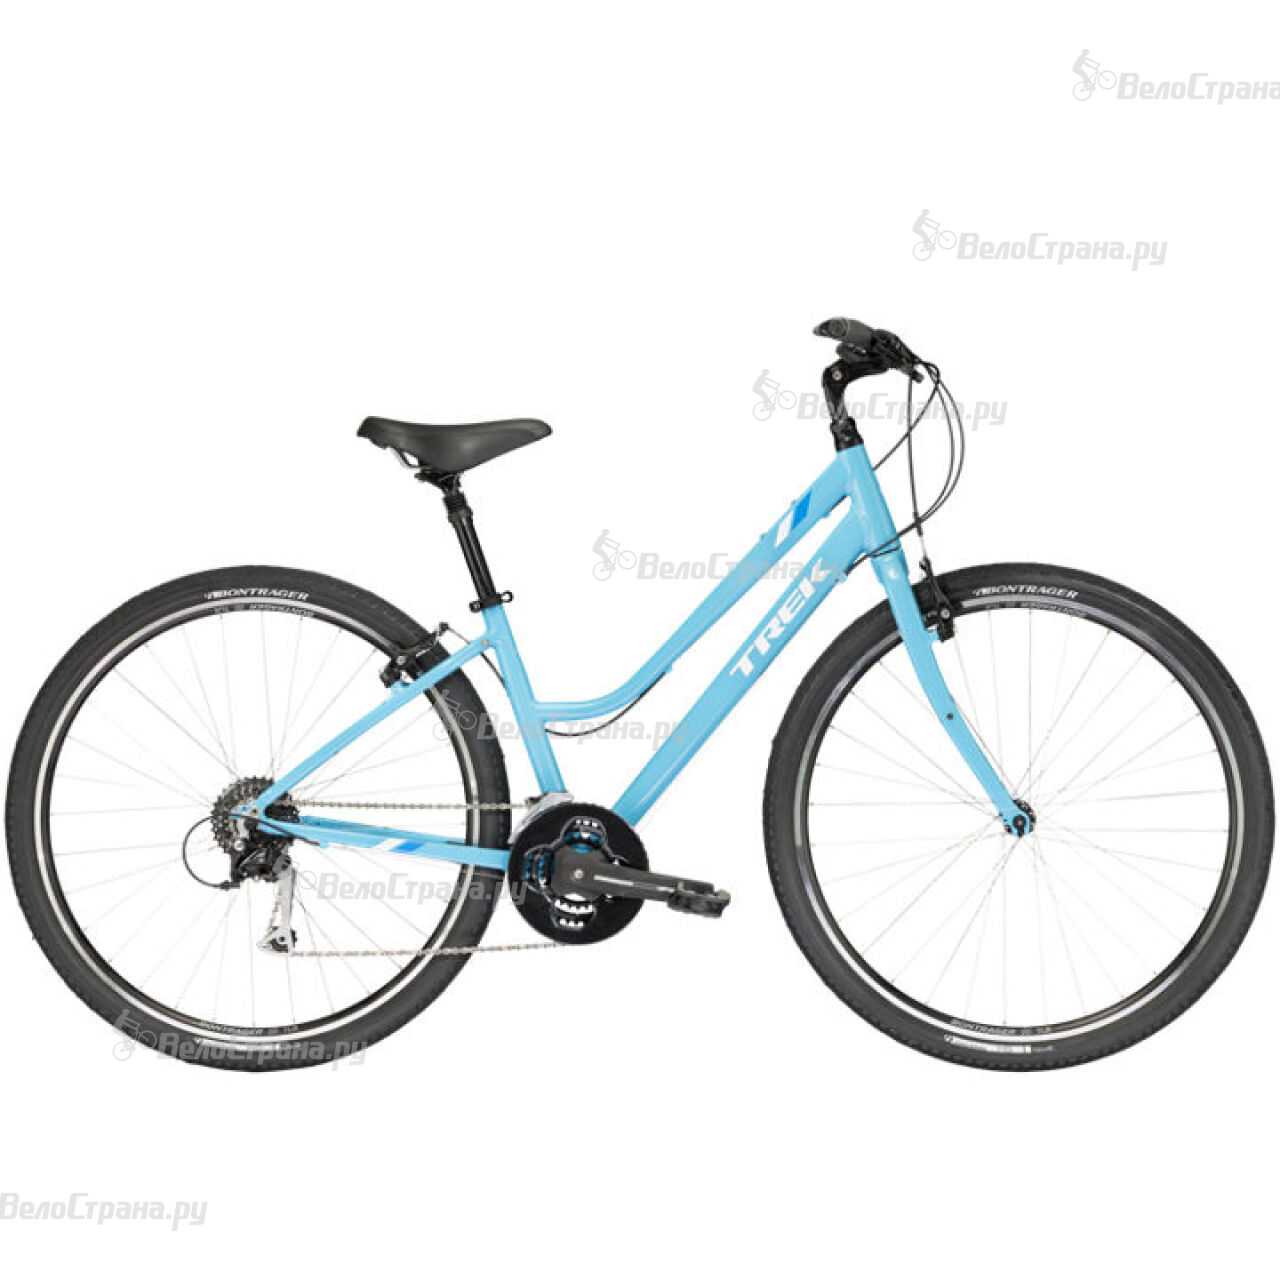 Велосипед Trek Verve 3 WSD (2017) велосипед trek verve 3 wsd 2013